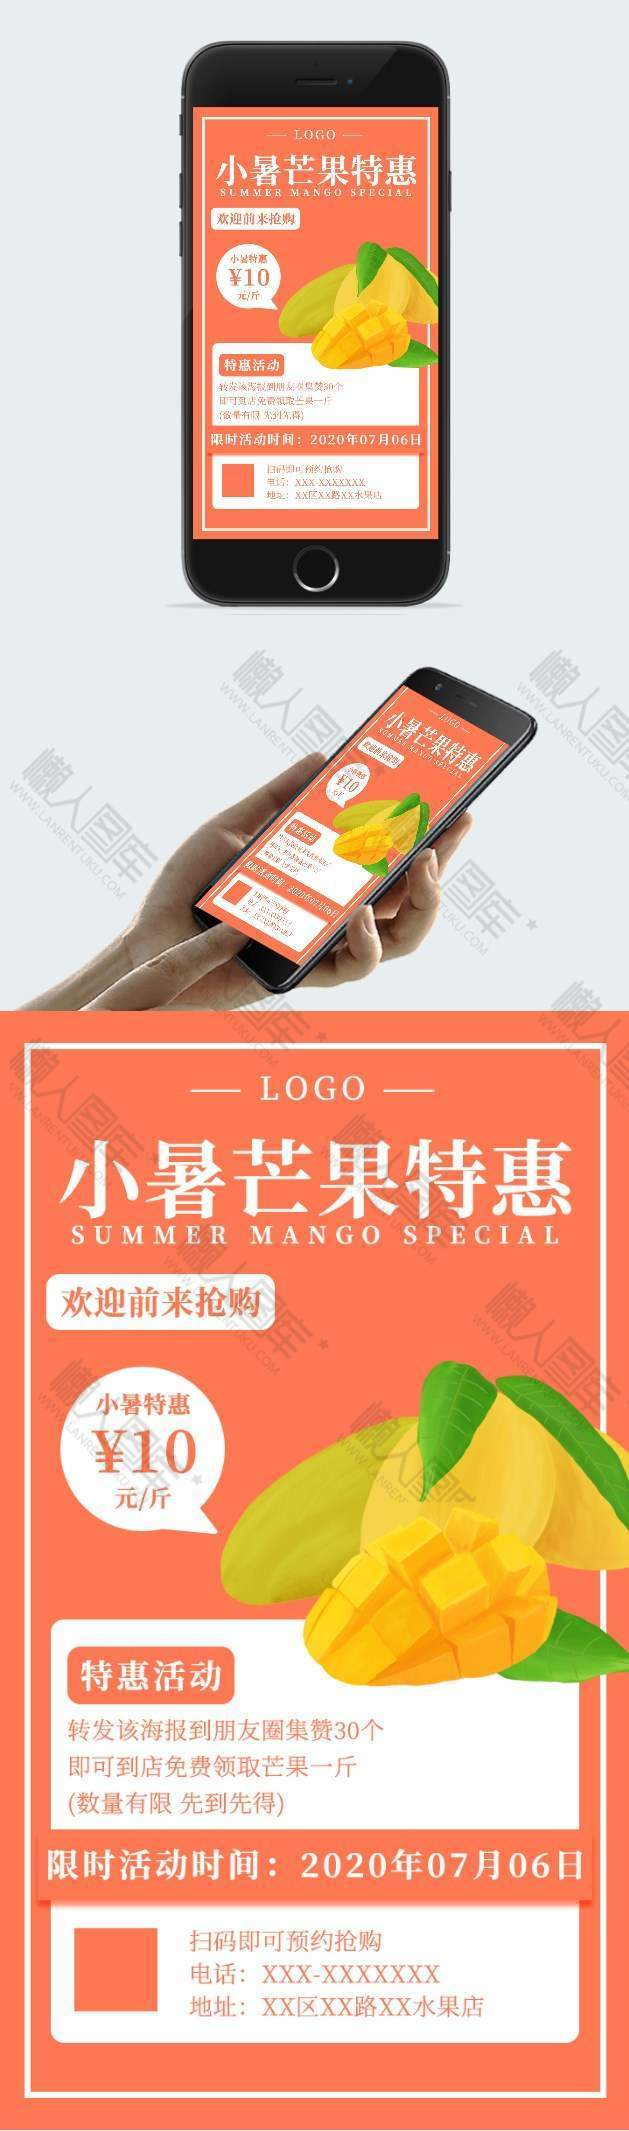 简约风小暑芒果特惠平面手机海报图1